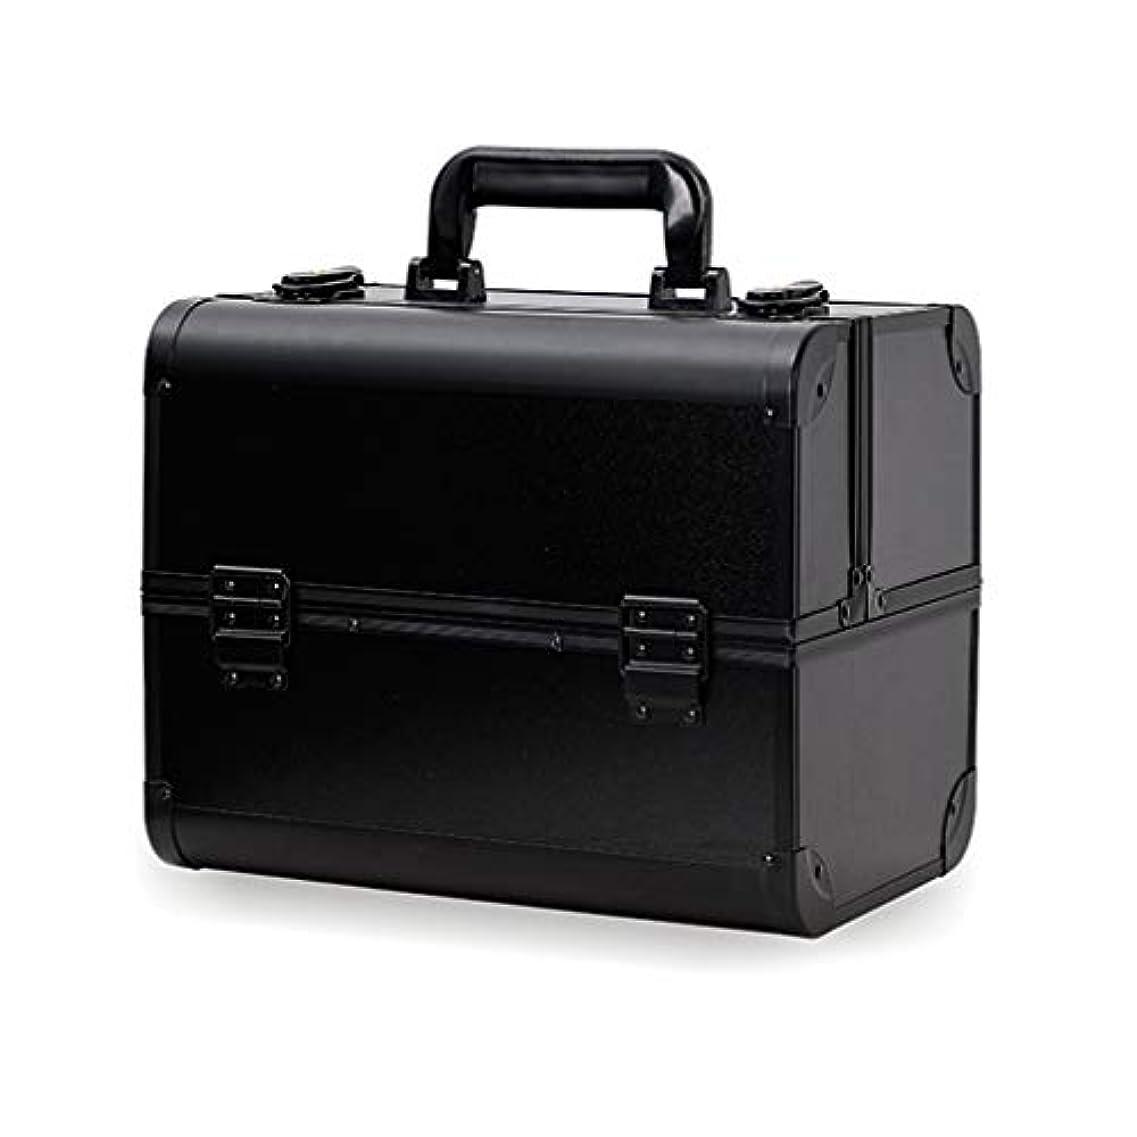 視力パントリー判決メイクボックス コスメボックス 大容量 2段 化粧ボックス プロ 収納力抜群 鍵付き 洗える 肩掛け かわいい プレゼント 彼女友達へ 取っ手付 コスメBOX ブラック L